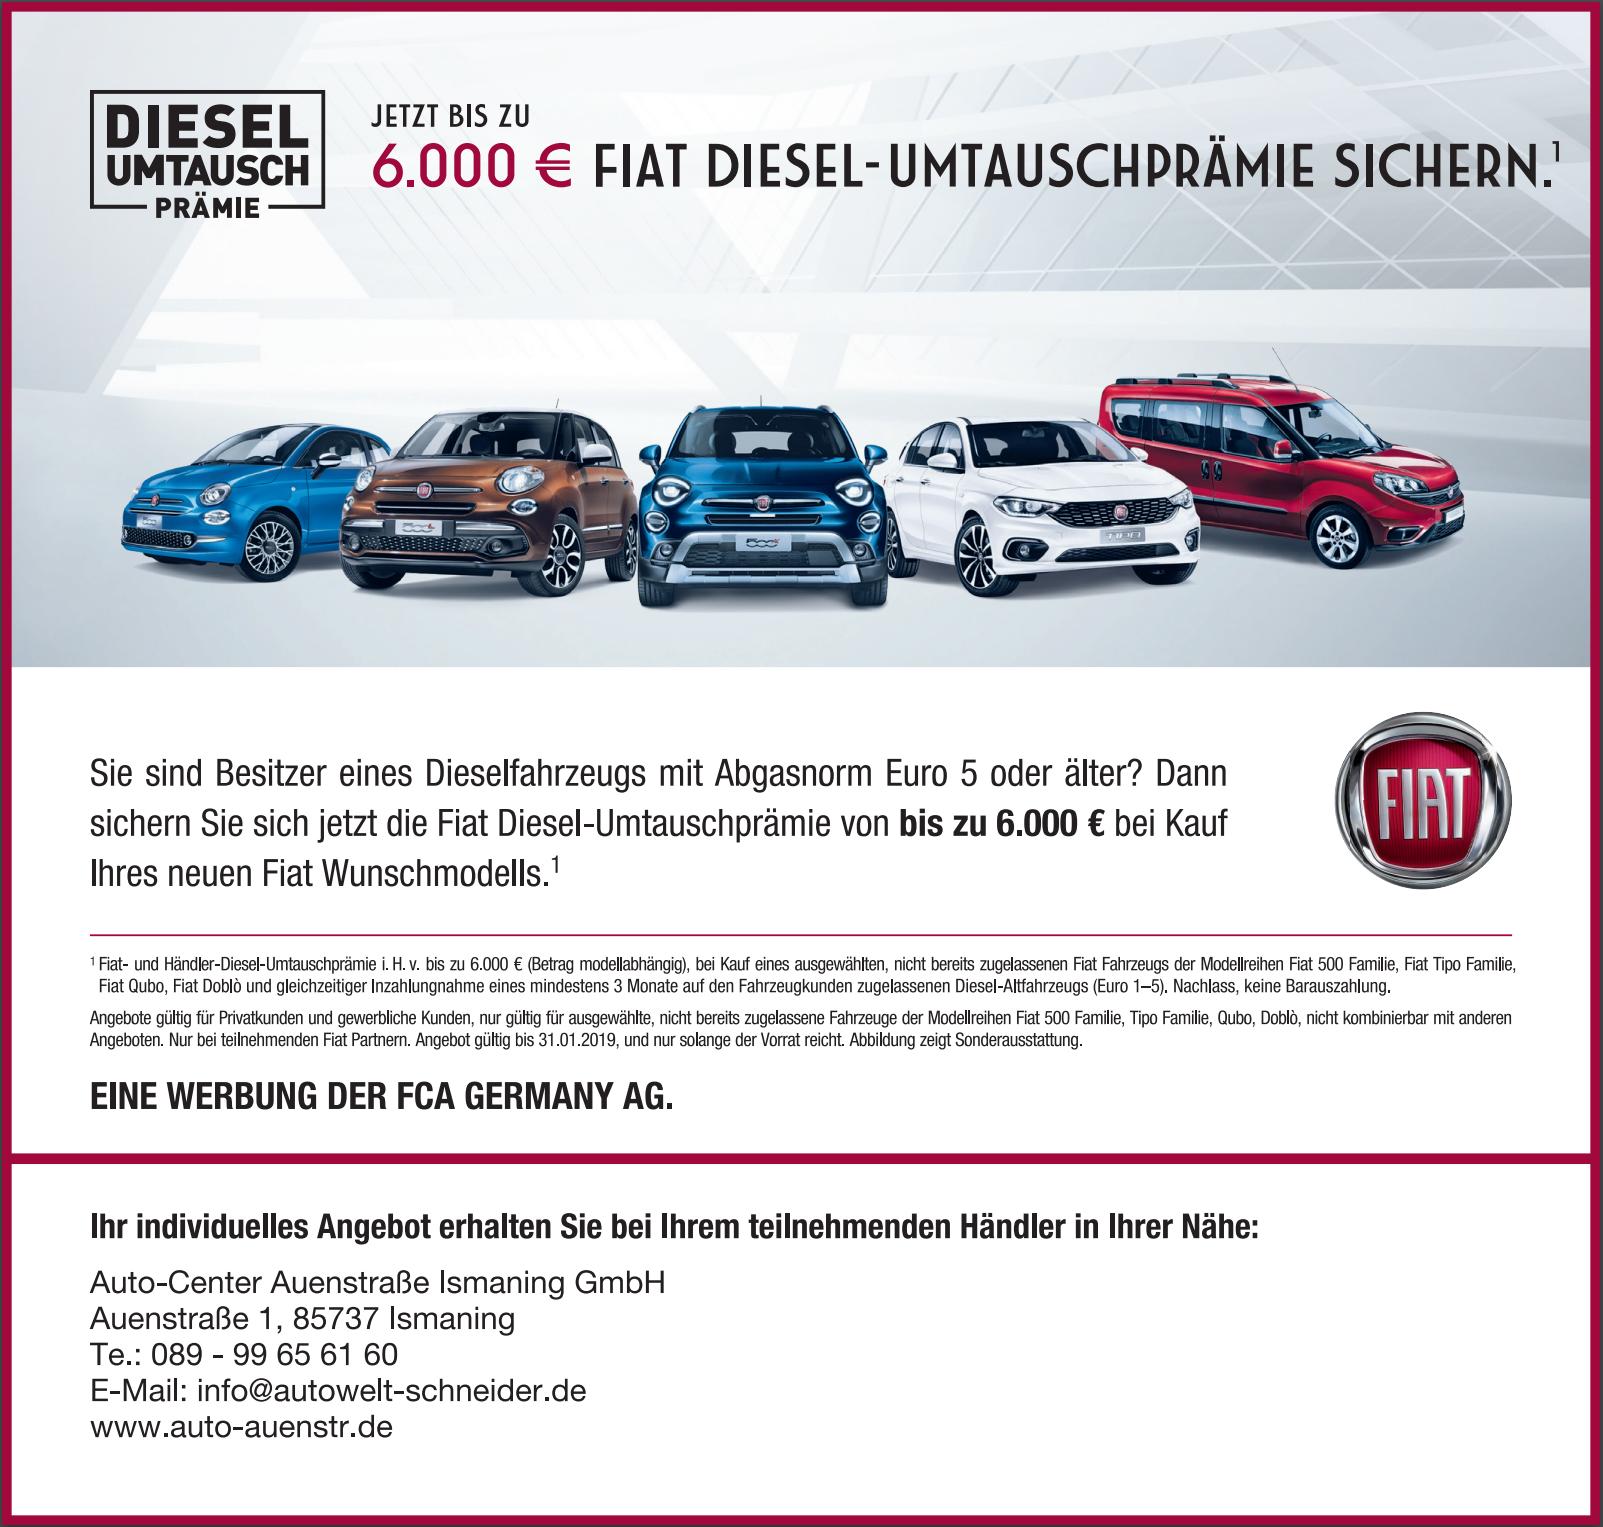 Fiat Diesel-Umtauschprämie sichern